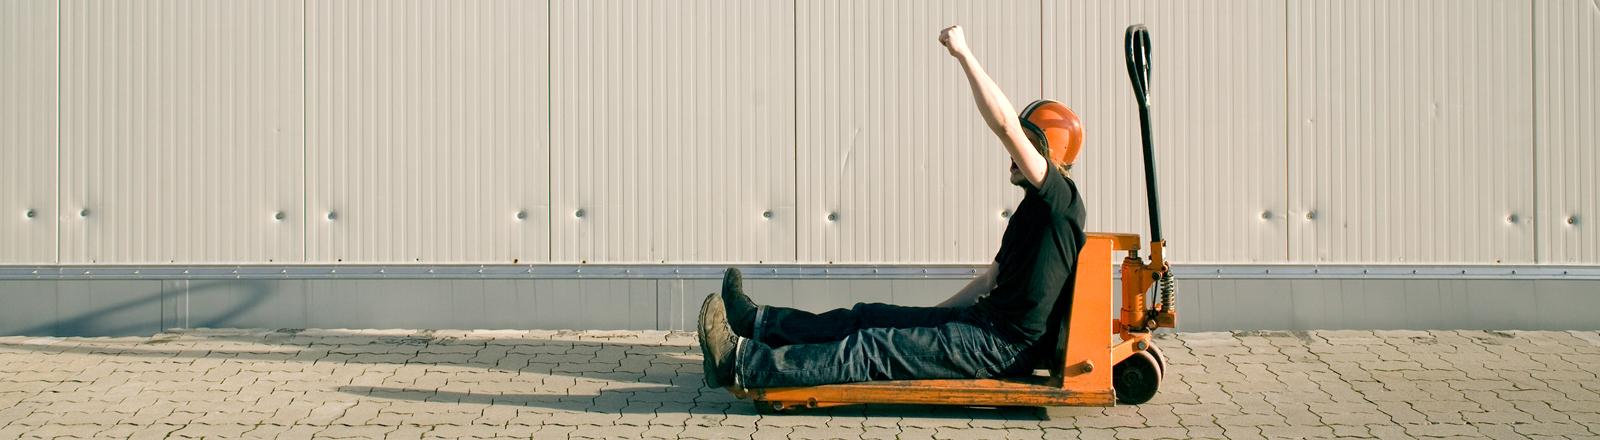 Ein Mann sitzt auf einem Gabelstapler. Ein Dude.